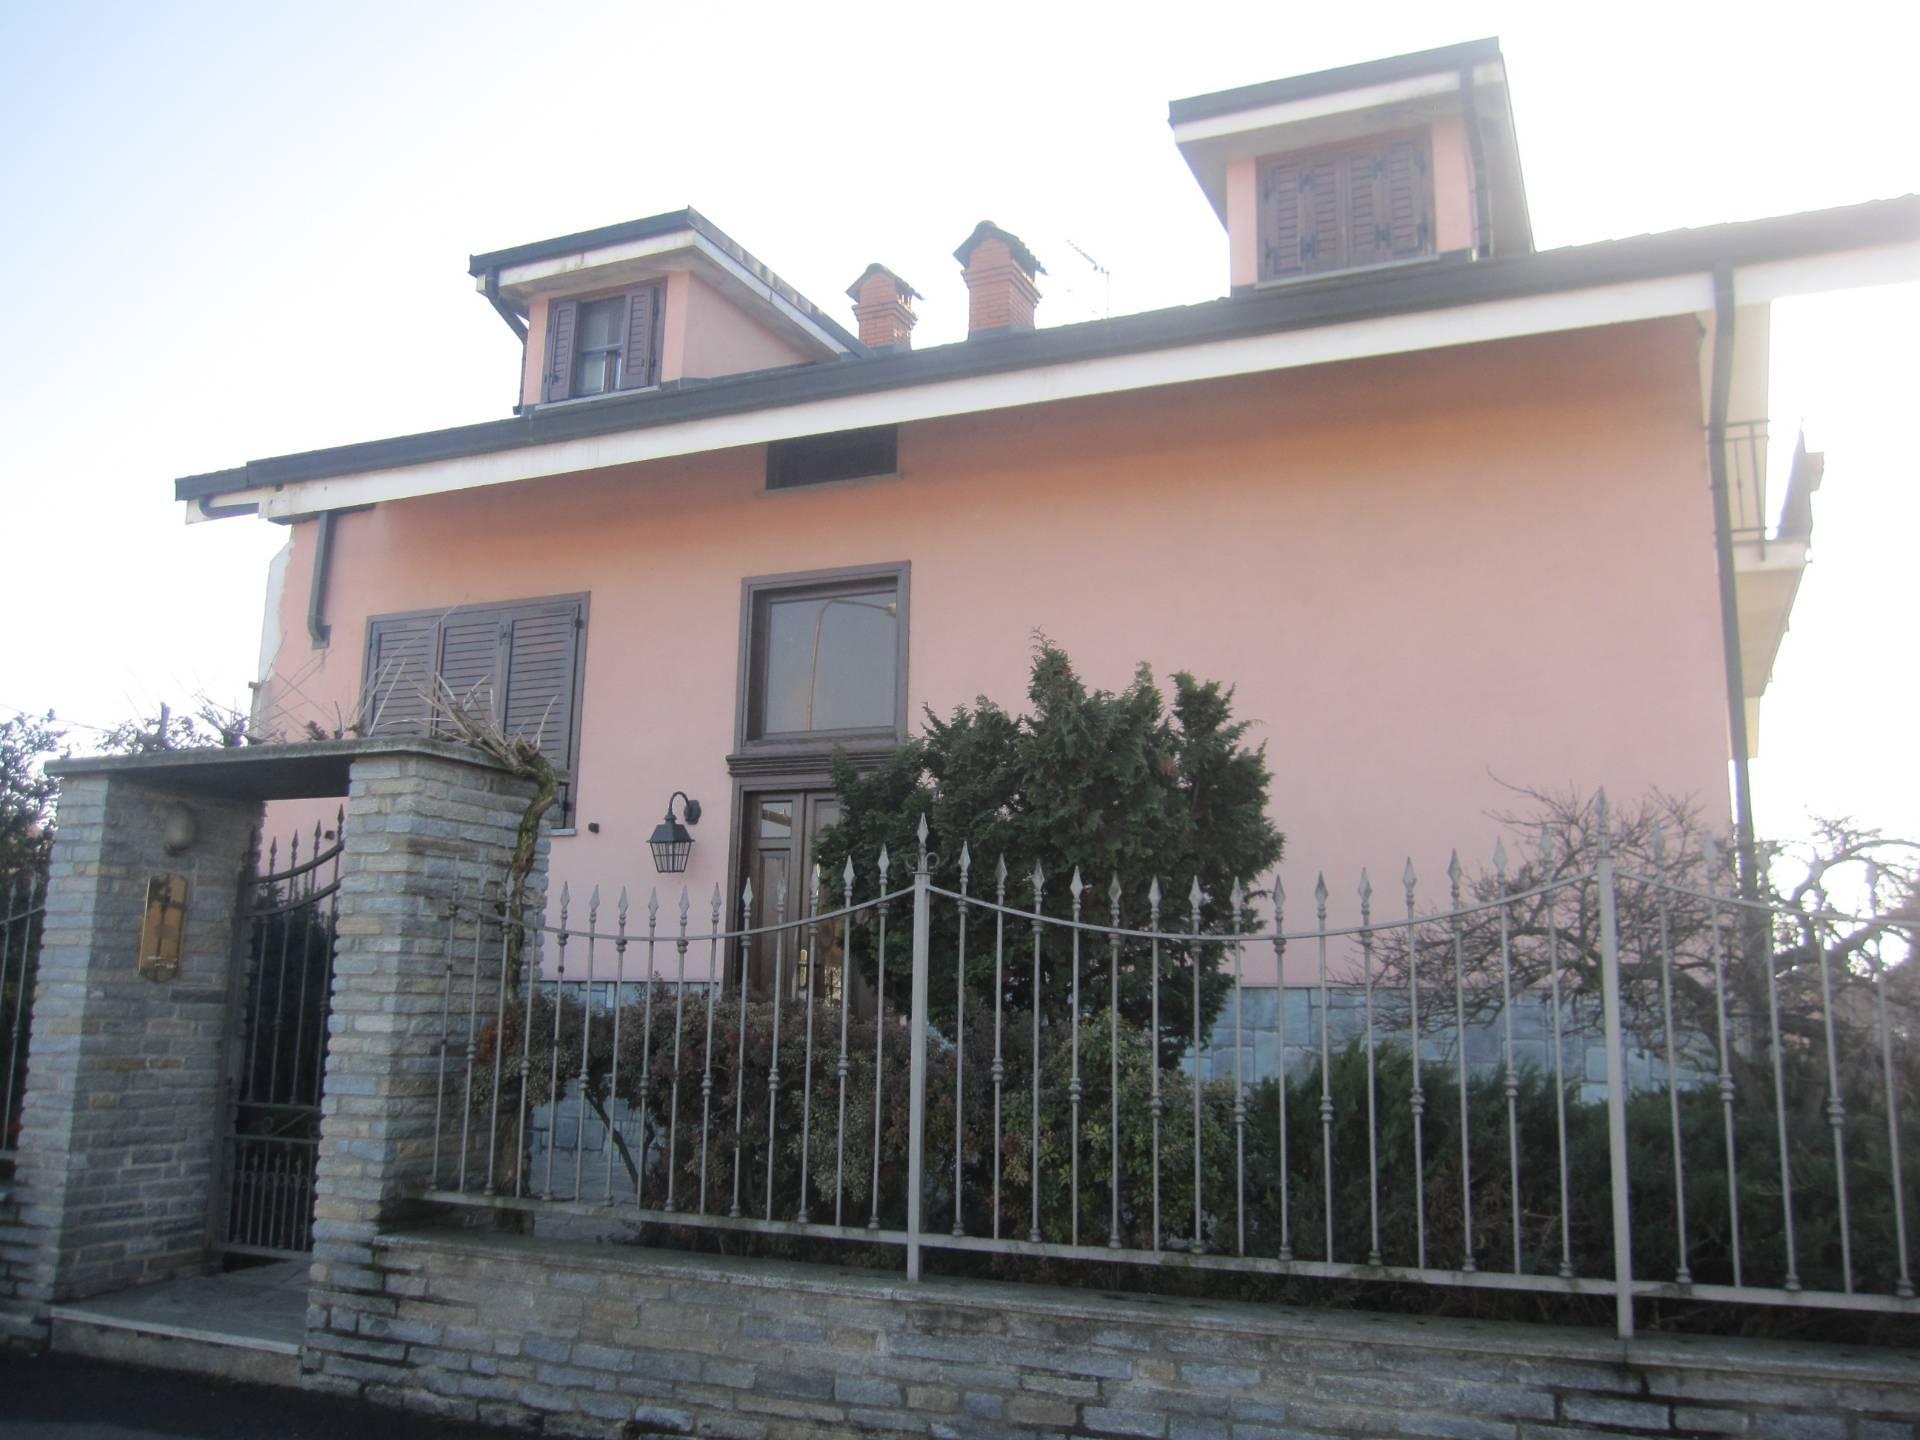 Villa Bifamiliare in vendita a Vinovo, 10 locali, zona Zona: Garino, prezzo € 400.000 | CambioCasa.it